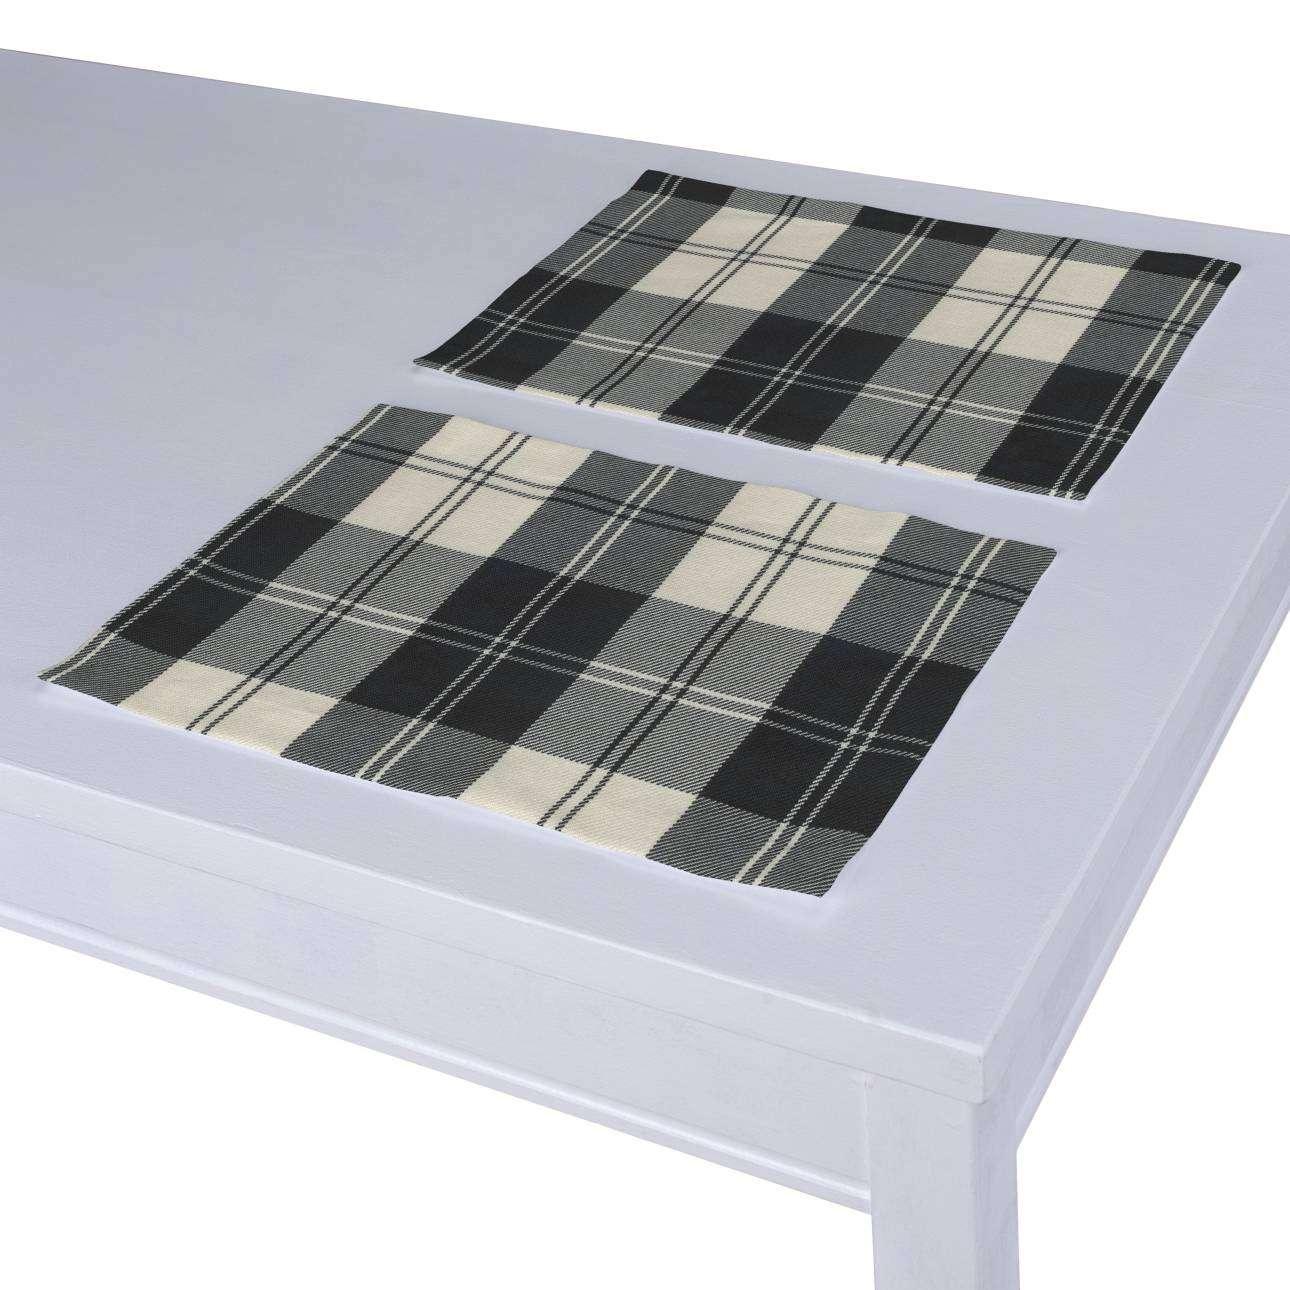 Stalo servetėlės/stalo padėkliukai – 2 vnt. 30 x 40 cm kolekcijoje Edinburgh , audinys: 115-74